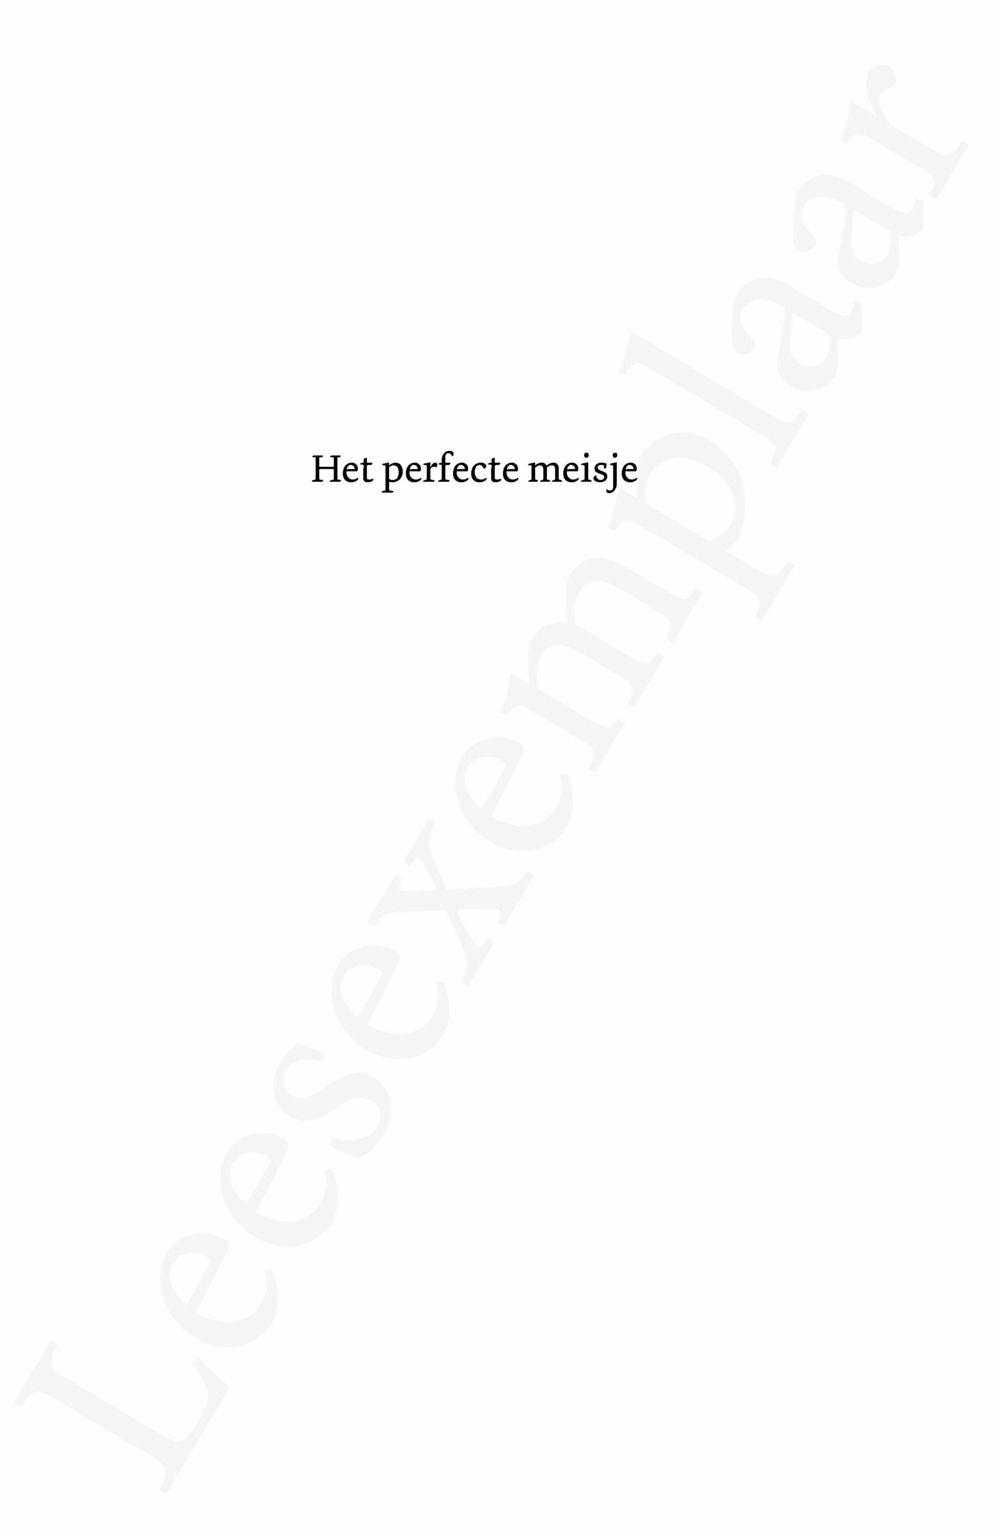 Preview: Het perfecte meisje